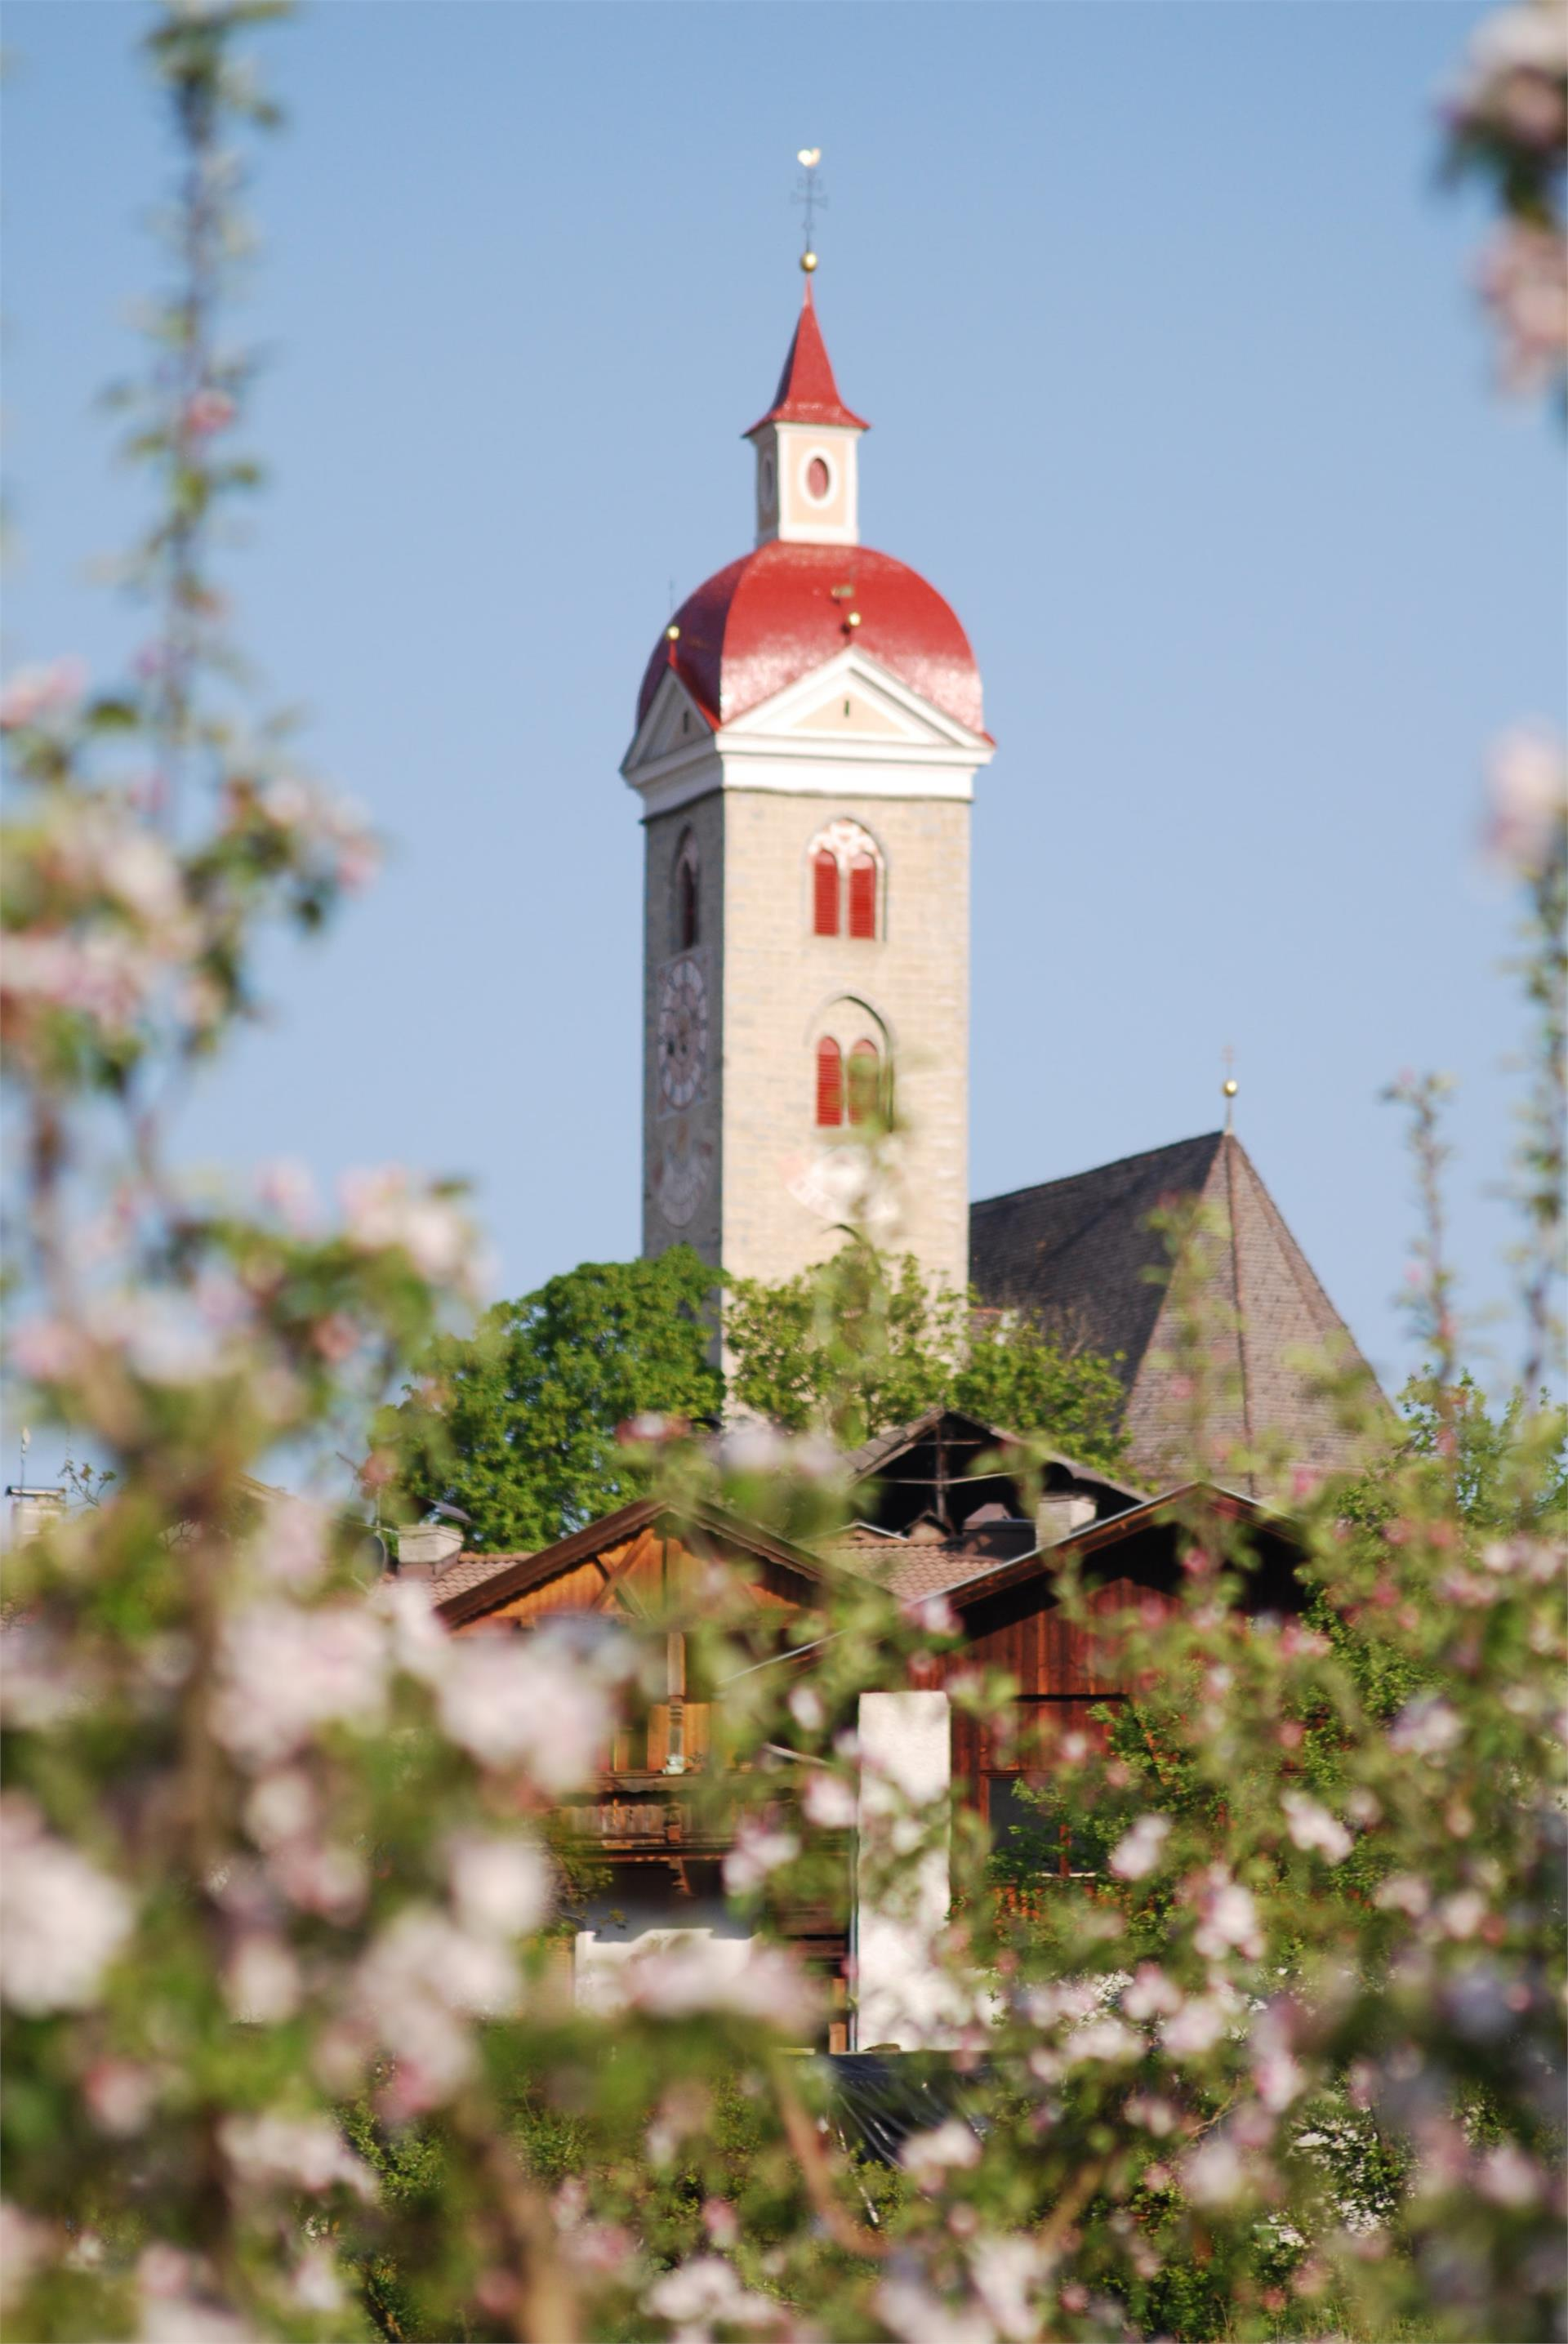 Parish church of the Saints Philip and Jacob in Natz